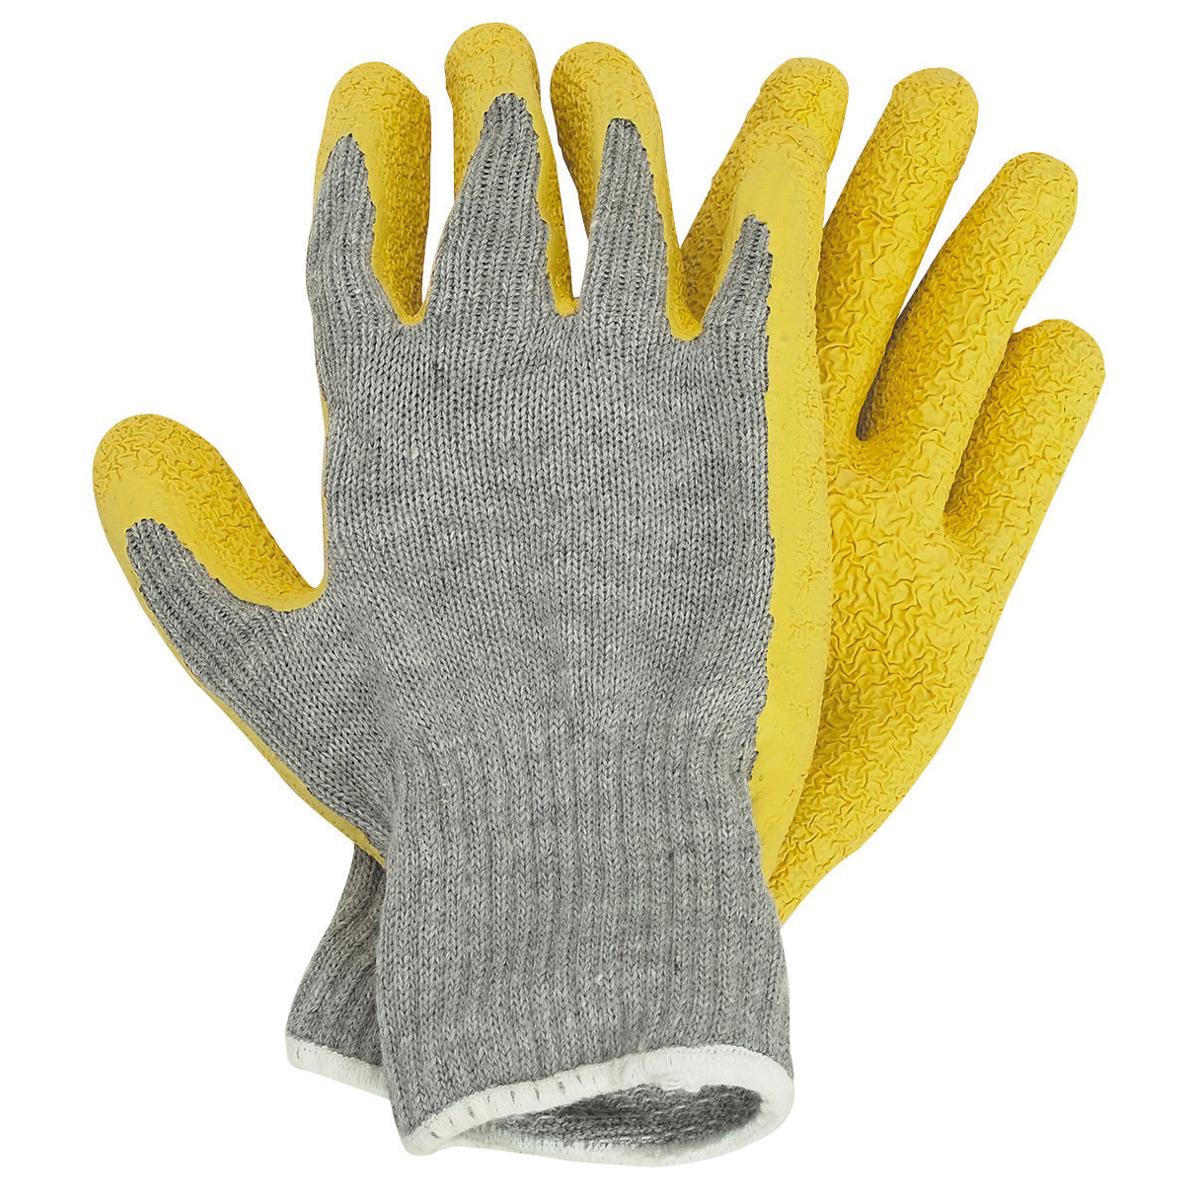 des gants pour changer le disque dur